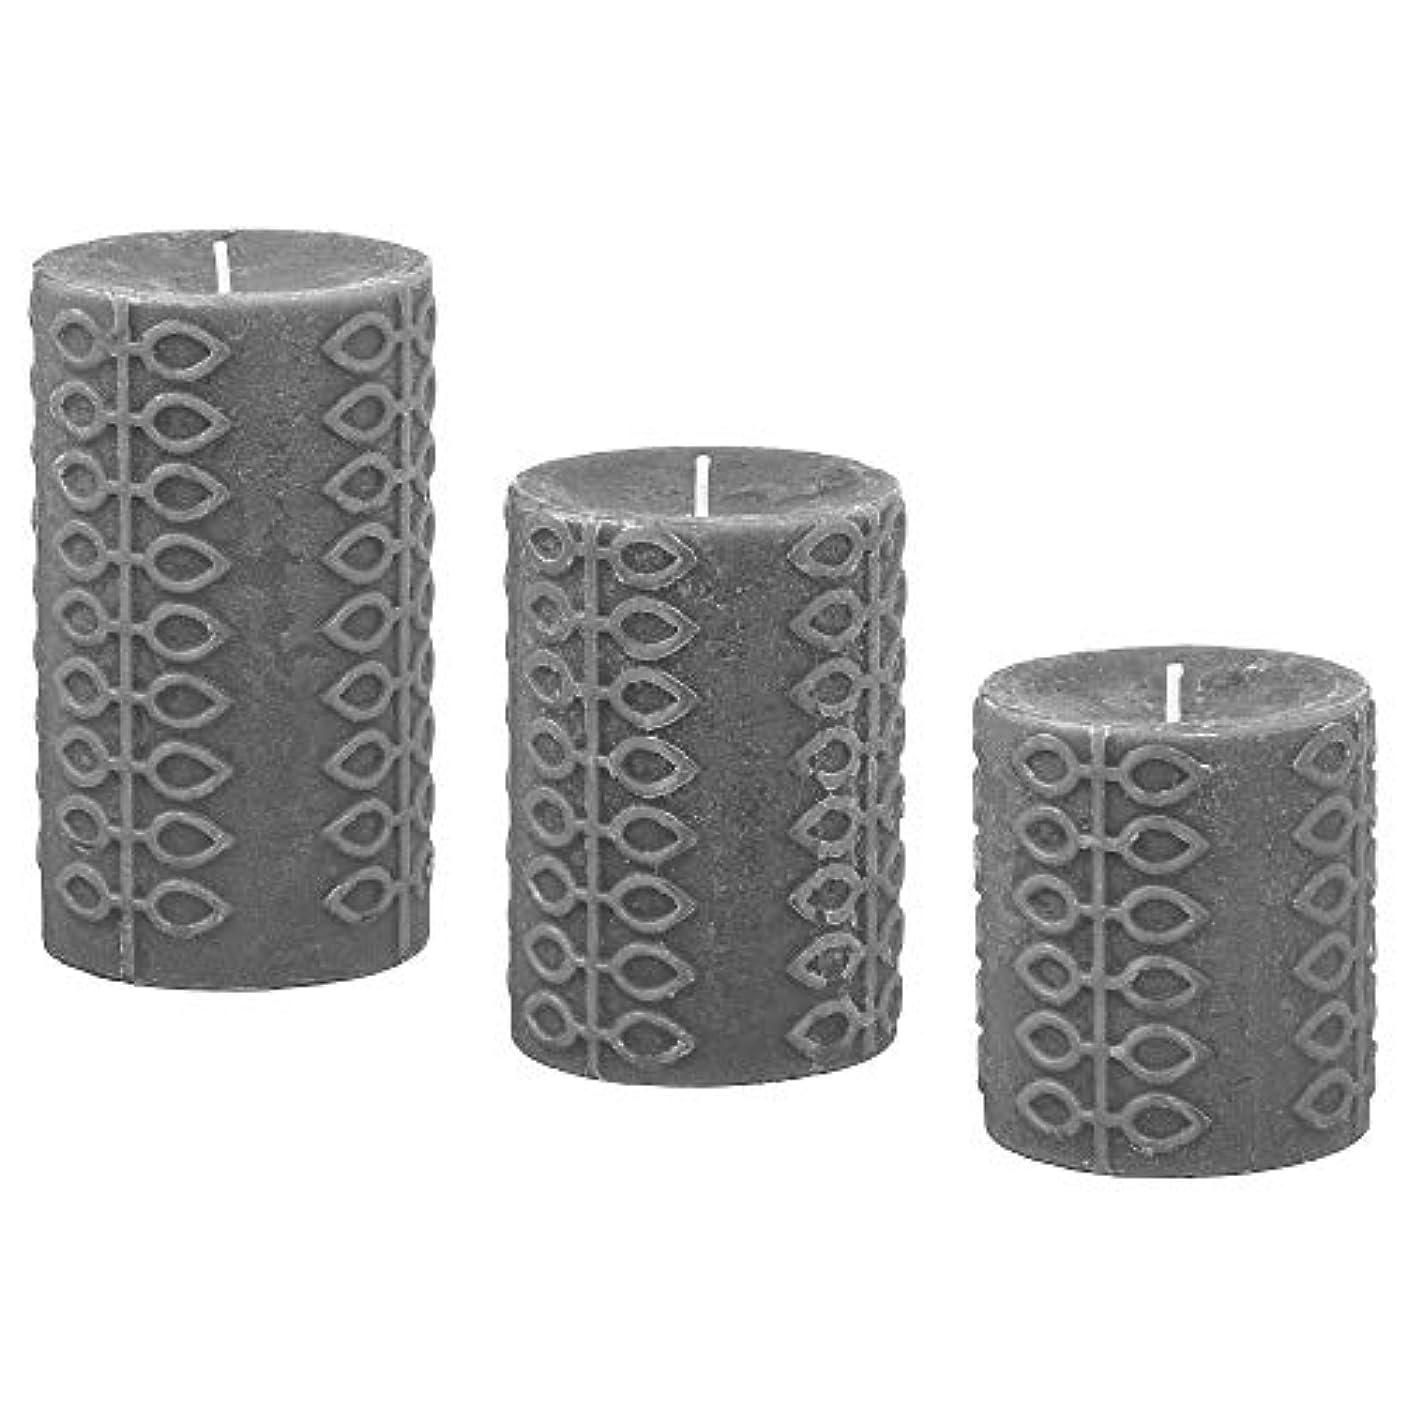 区別するピニオン仮定IKEA/イケア NJUTNING:香り付きブロックキャンドル3個セット 花開くベルガモット/グレー(303.505.15)